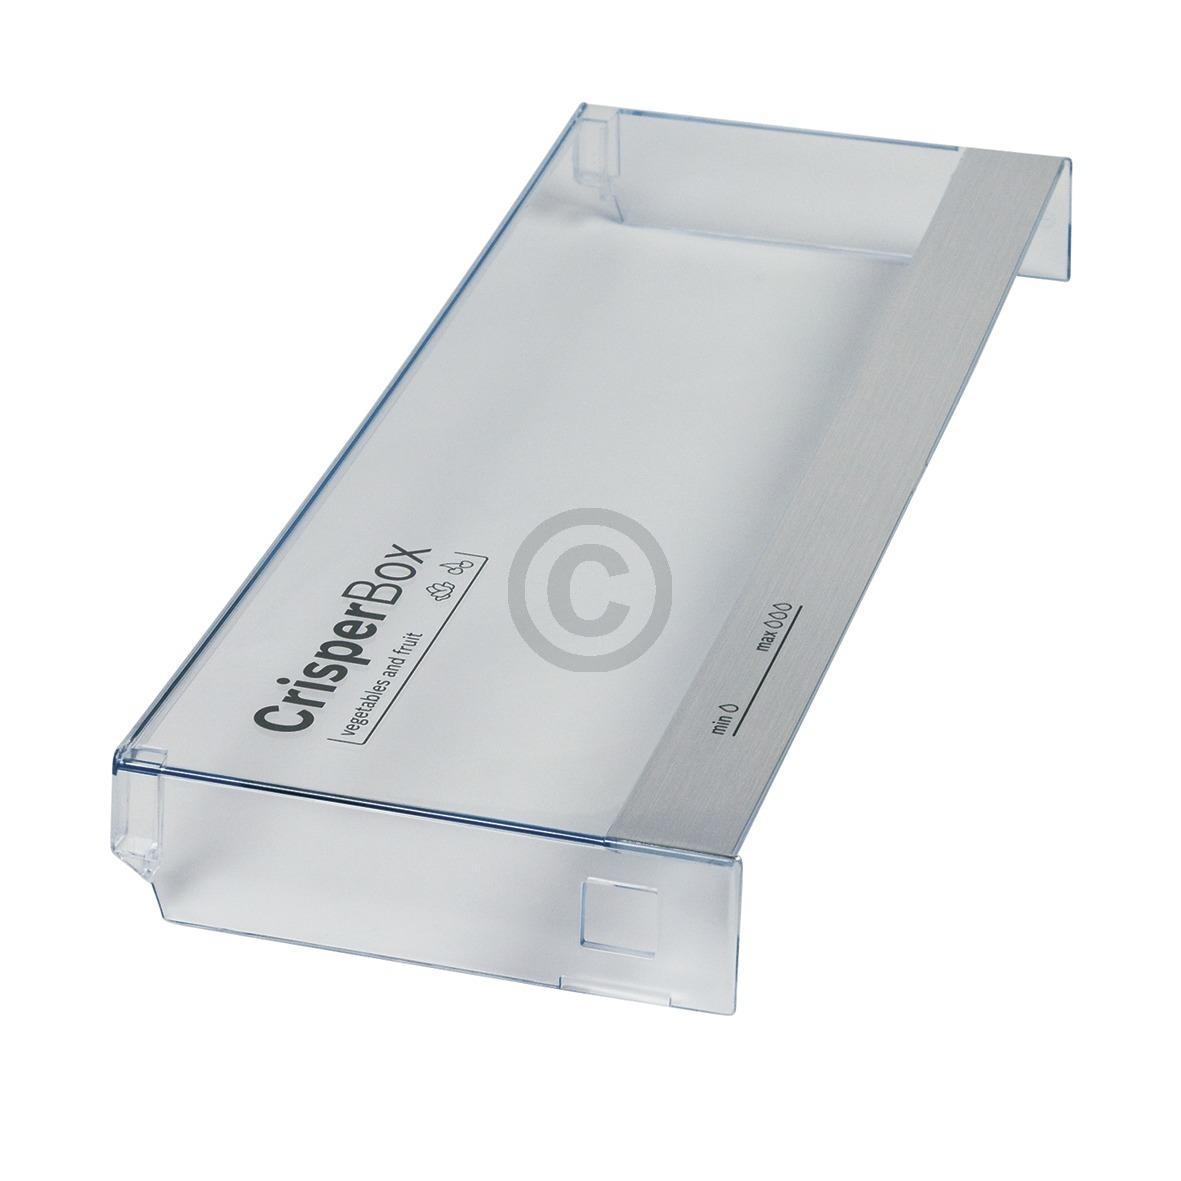 Schubladenblende Bosch 11000682 Original 450x165mm für CrisperBox